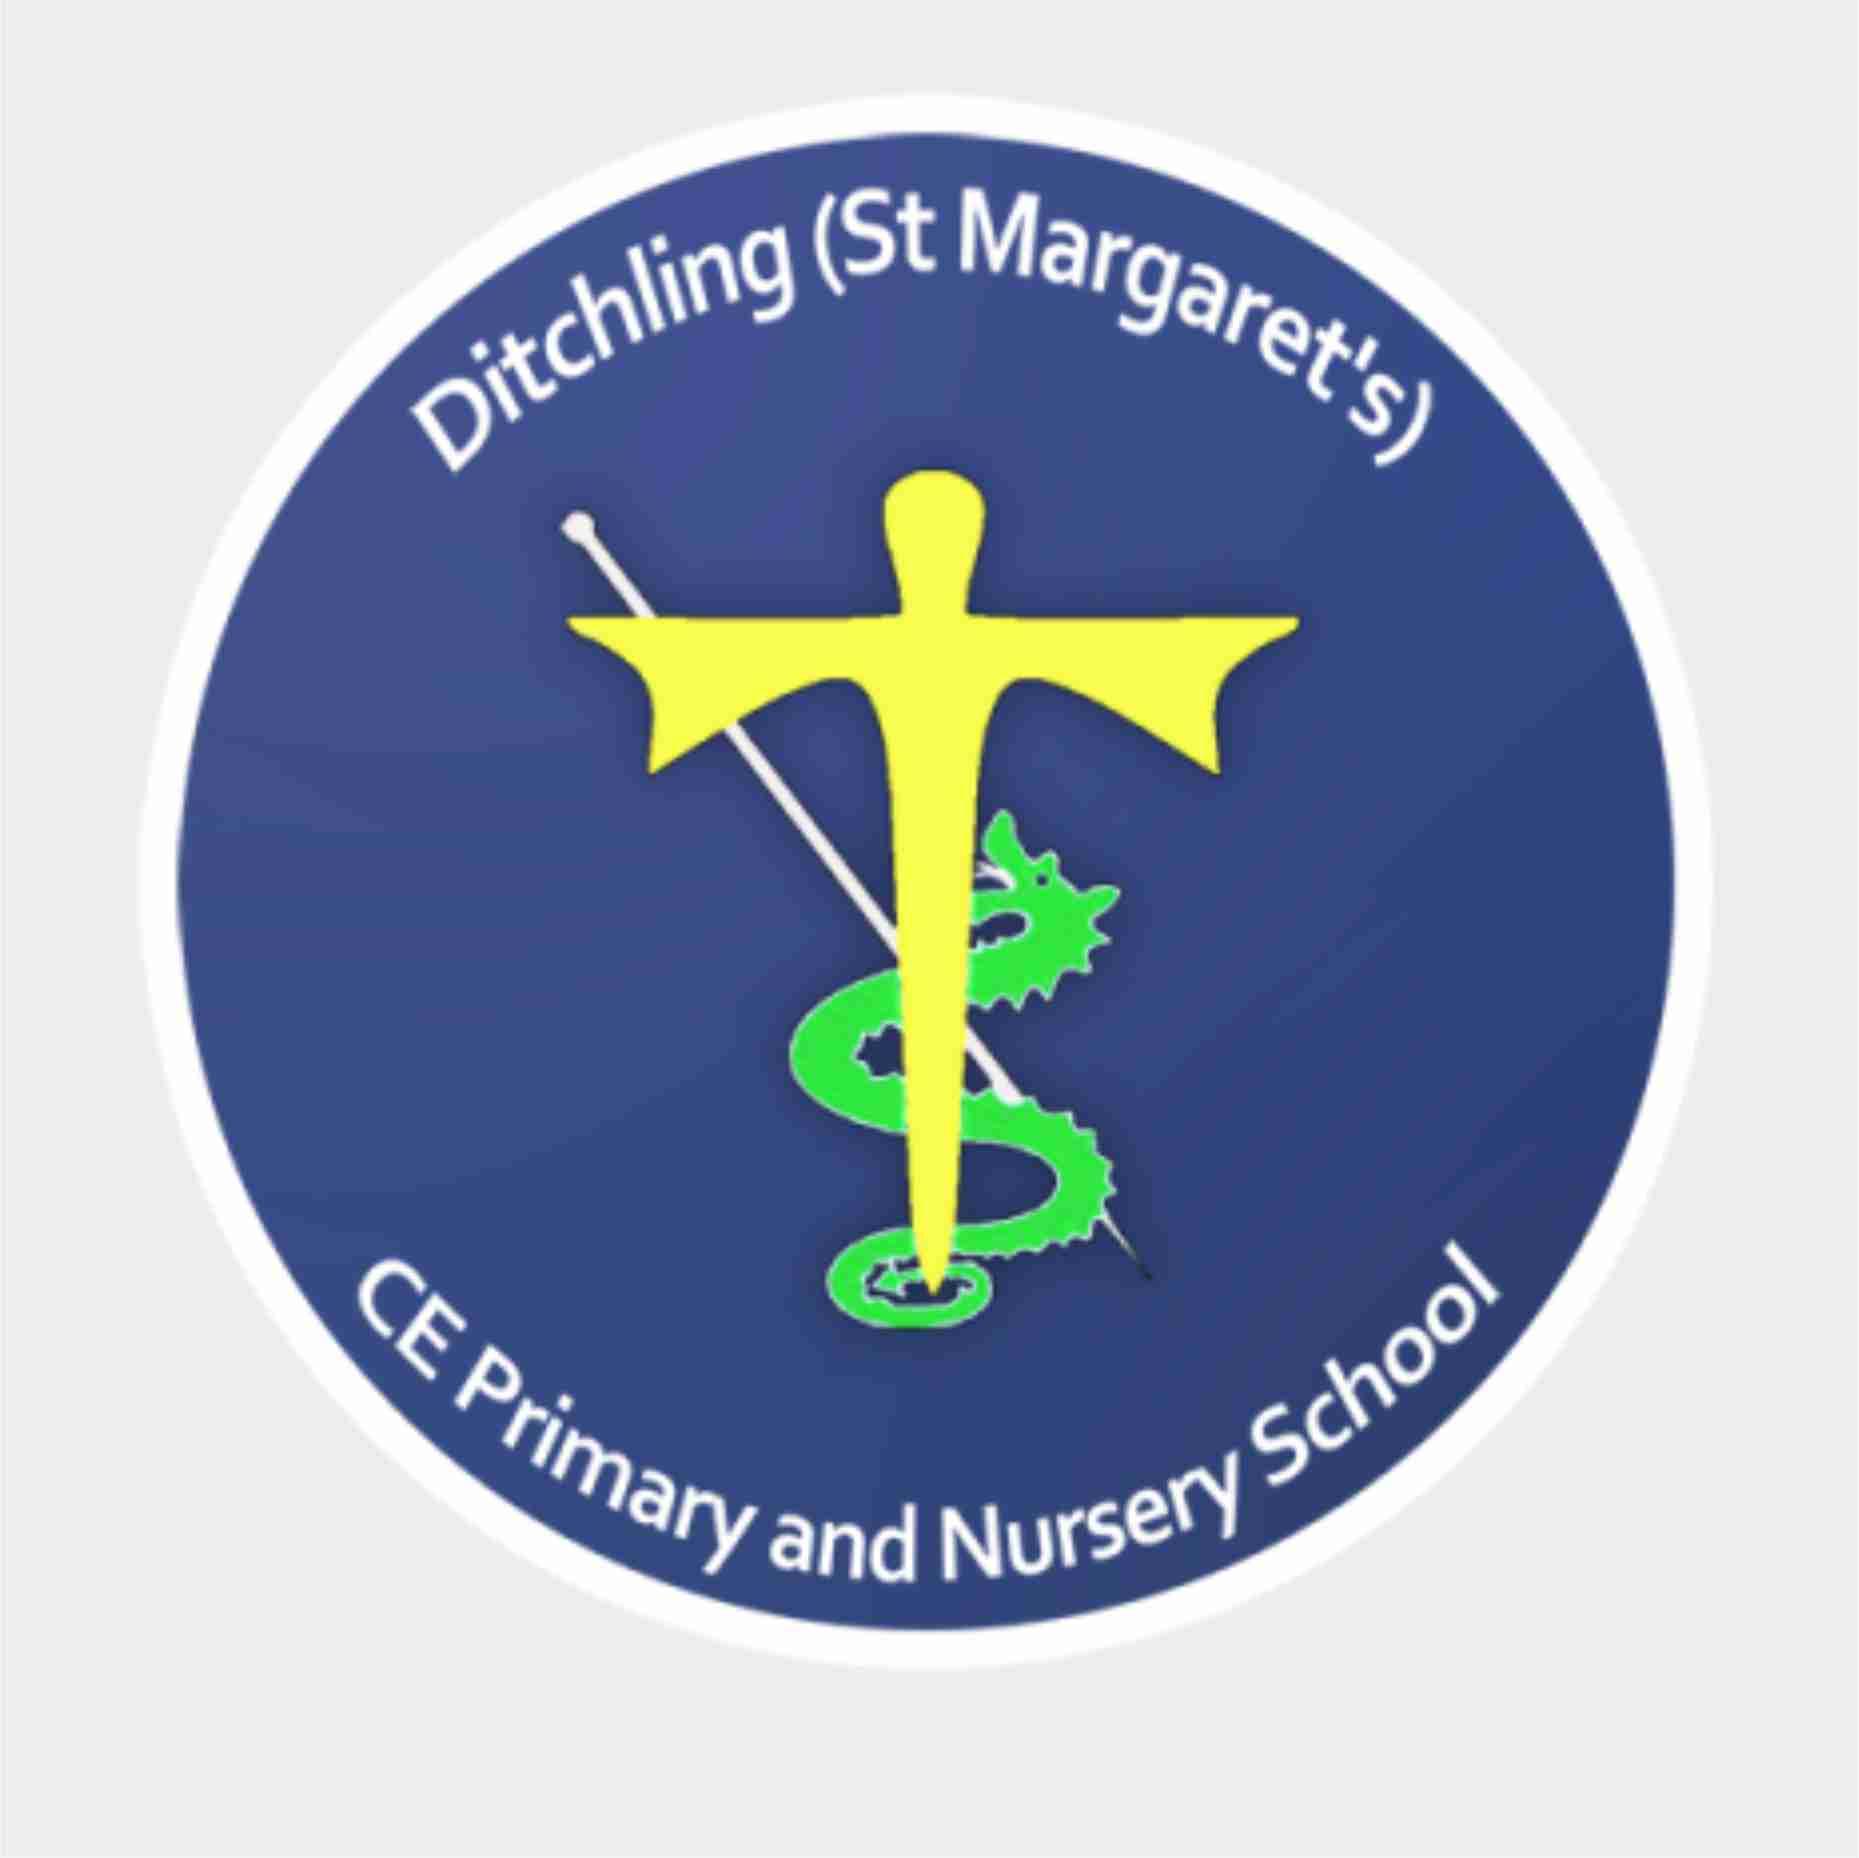 Ditchling St Margaret